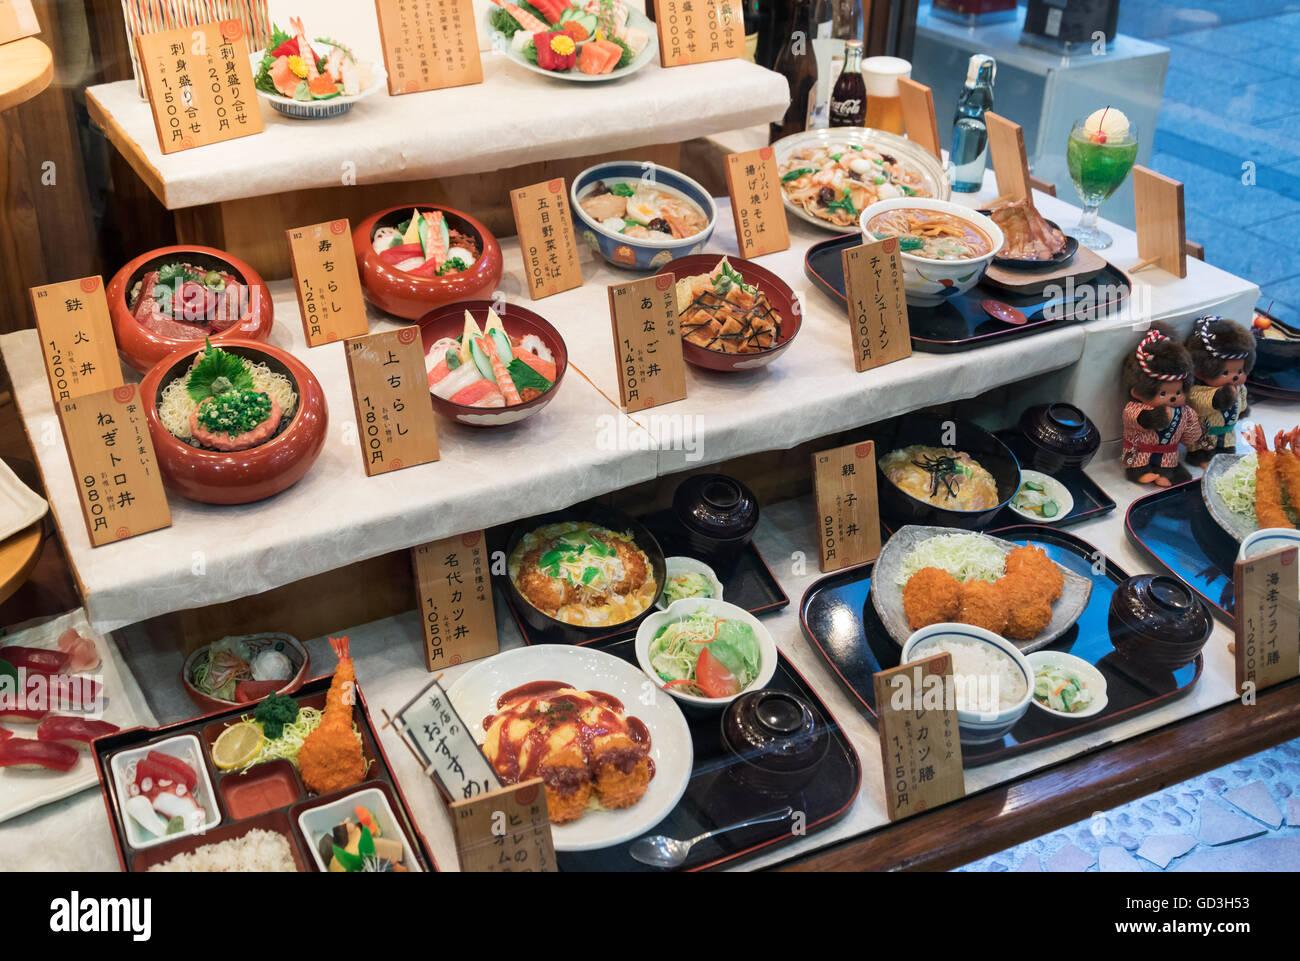 Sampuru, plástico réplicas de las comidas servidas en los restaurantes japoneses, Tokio, Japón Imagen De Stock